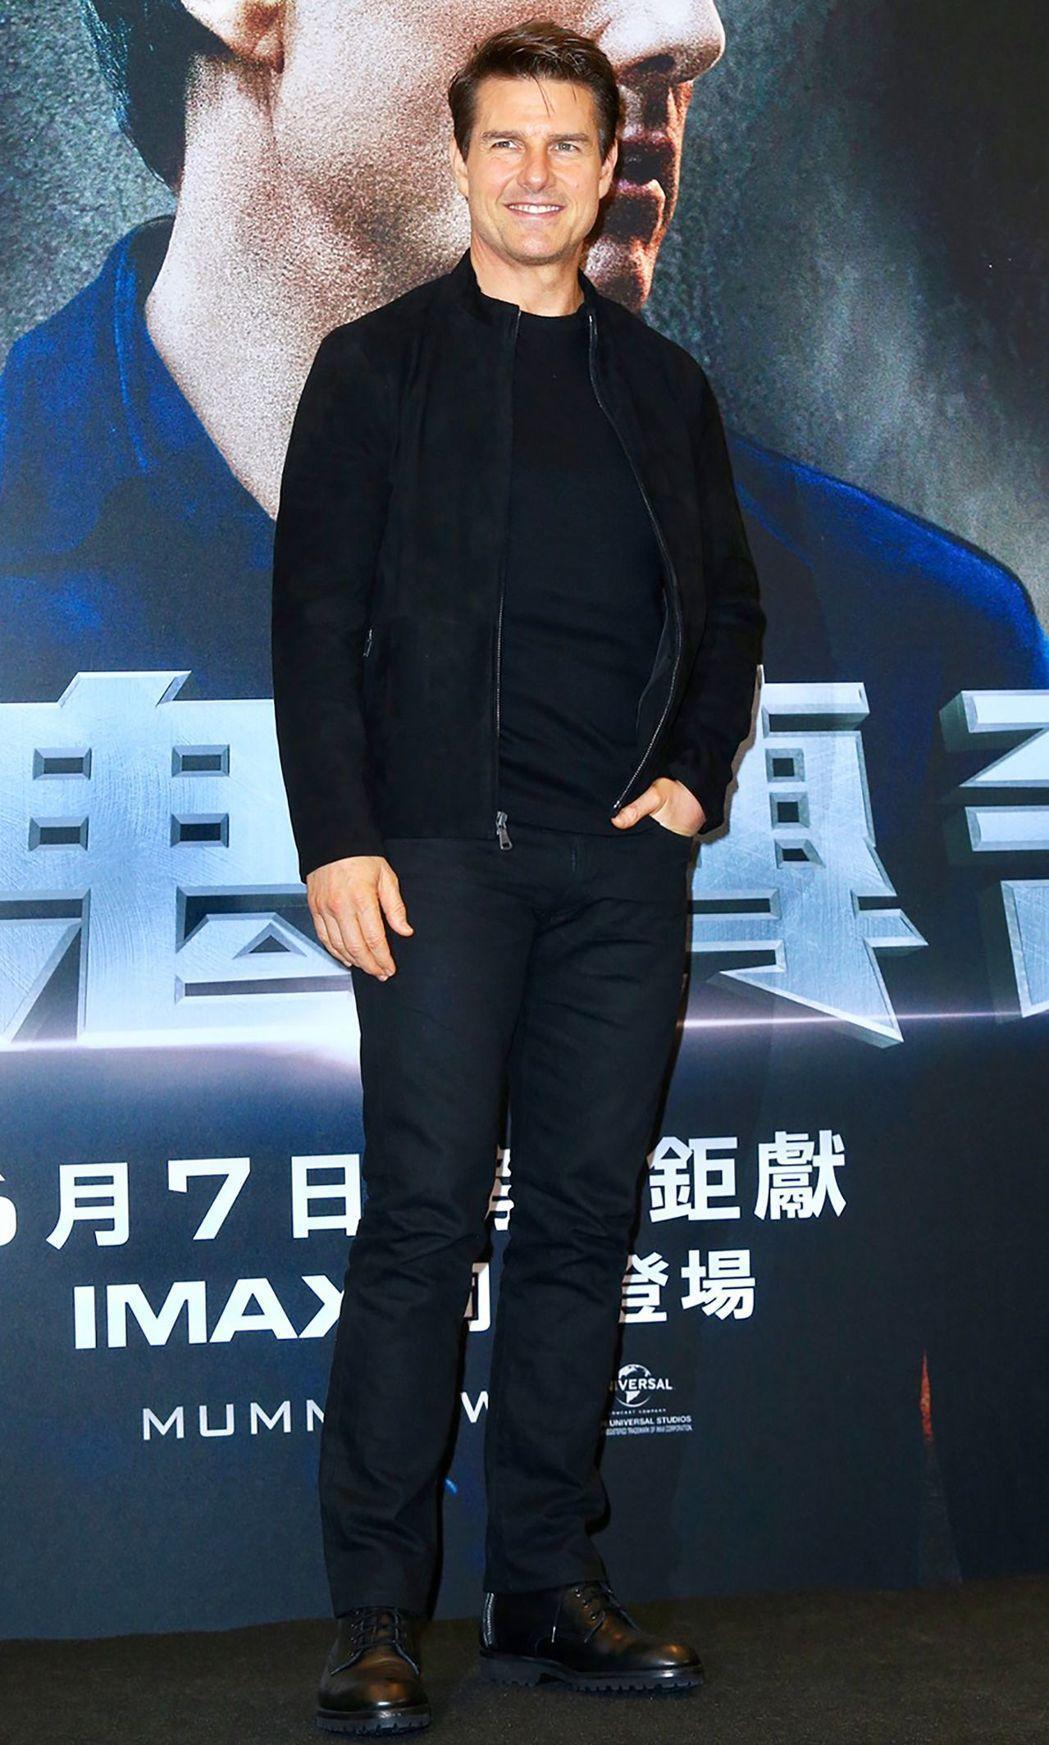 巨星湯姆克魯斯昨日旋風訪台參加「神鬼傳奇」宣傳活動。記者林伯東/攝影